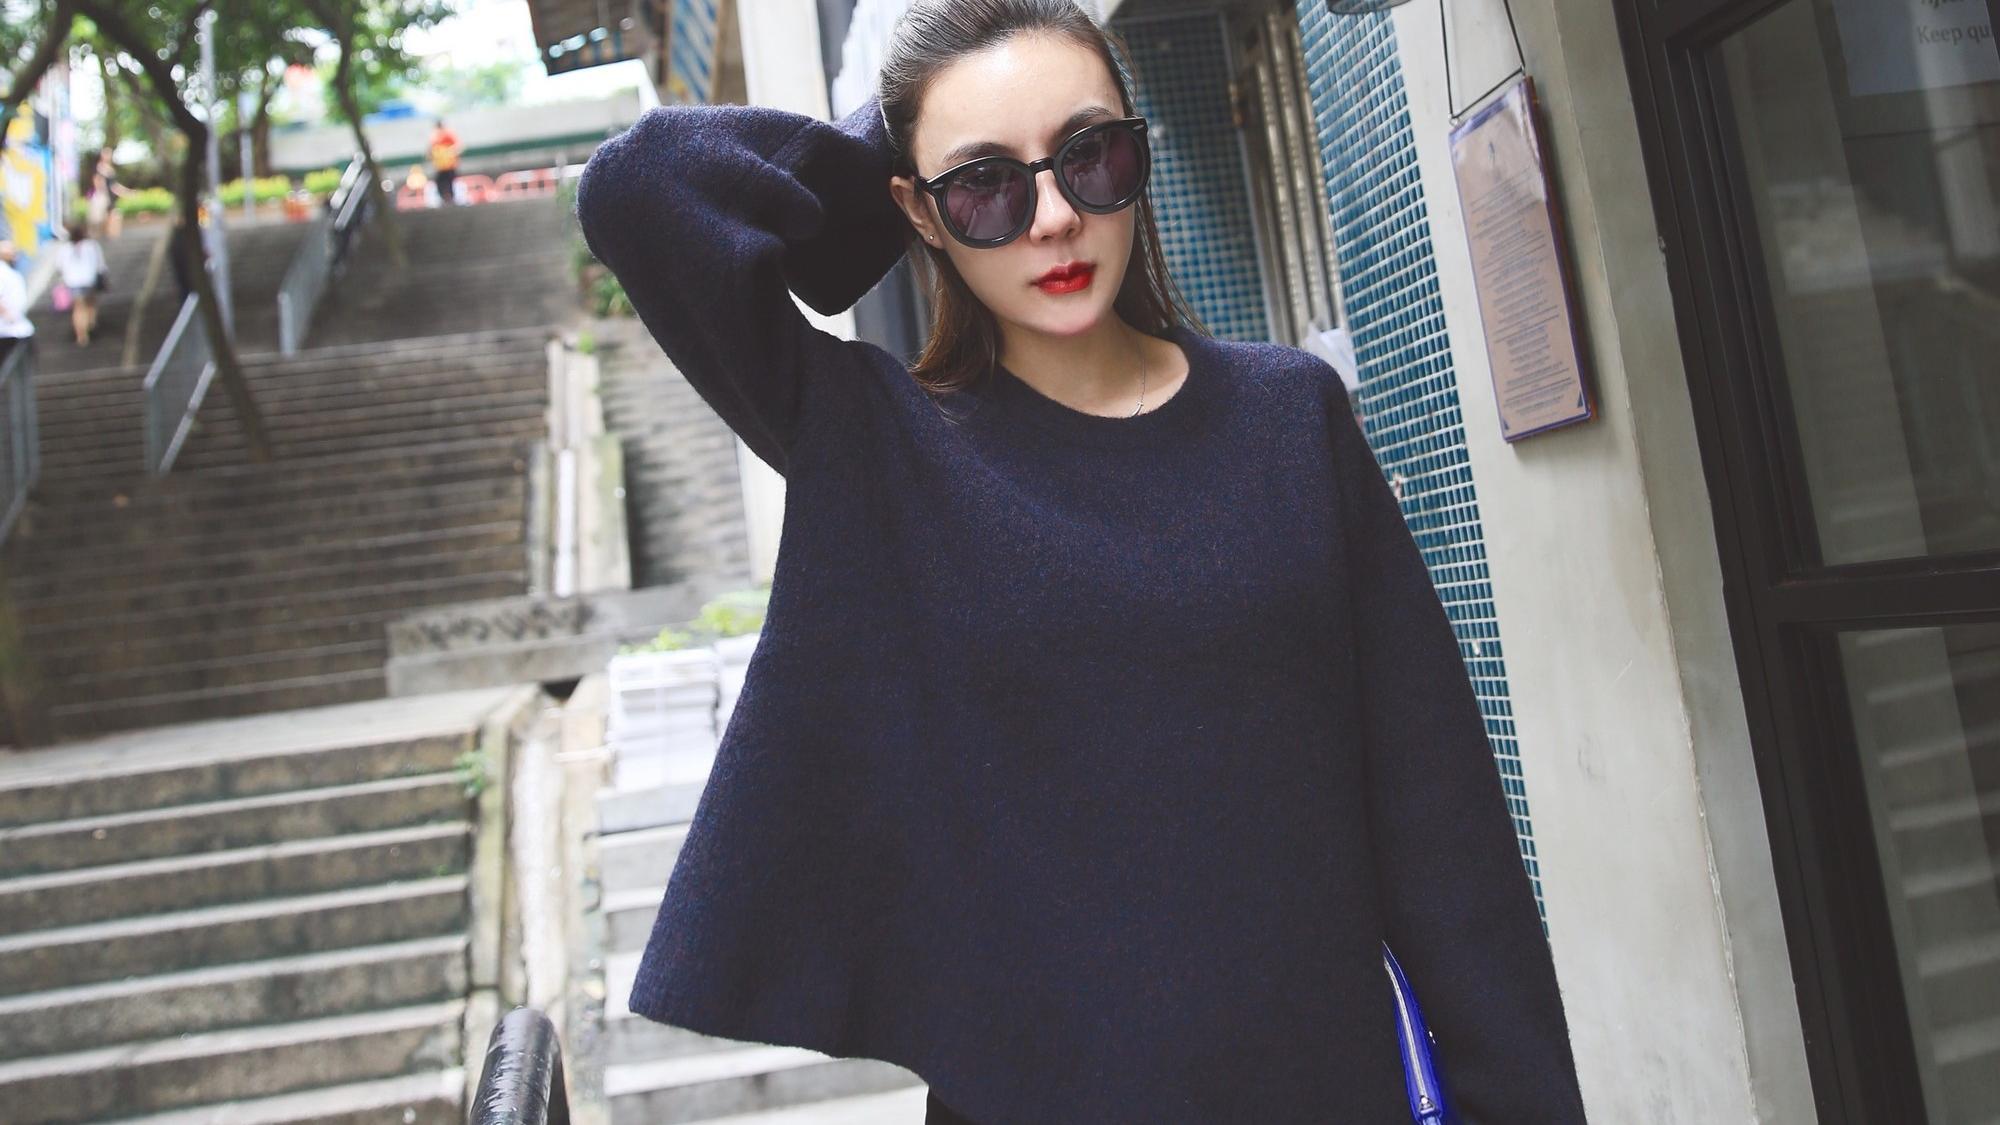 【藏青呢子】韩国时尚美女街头模特拍摄